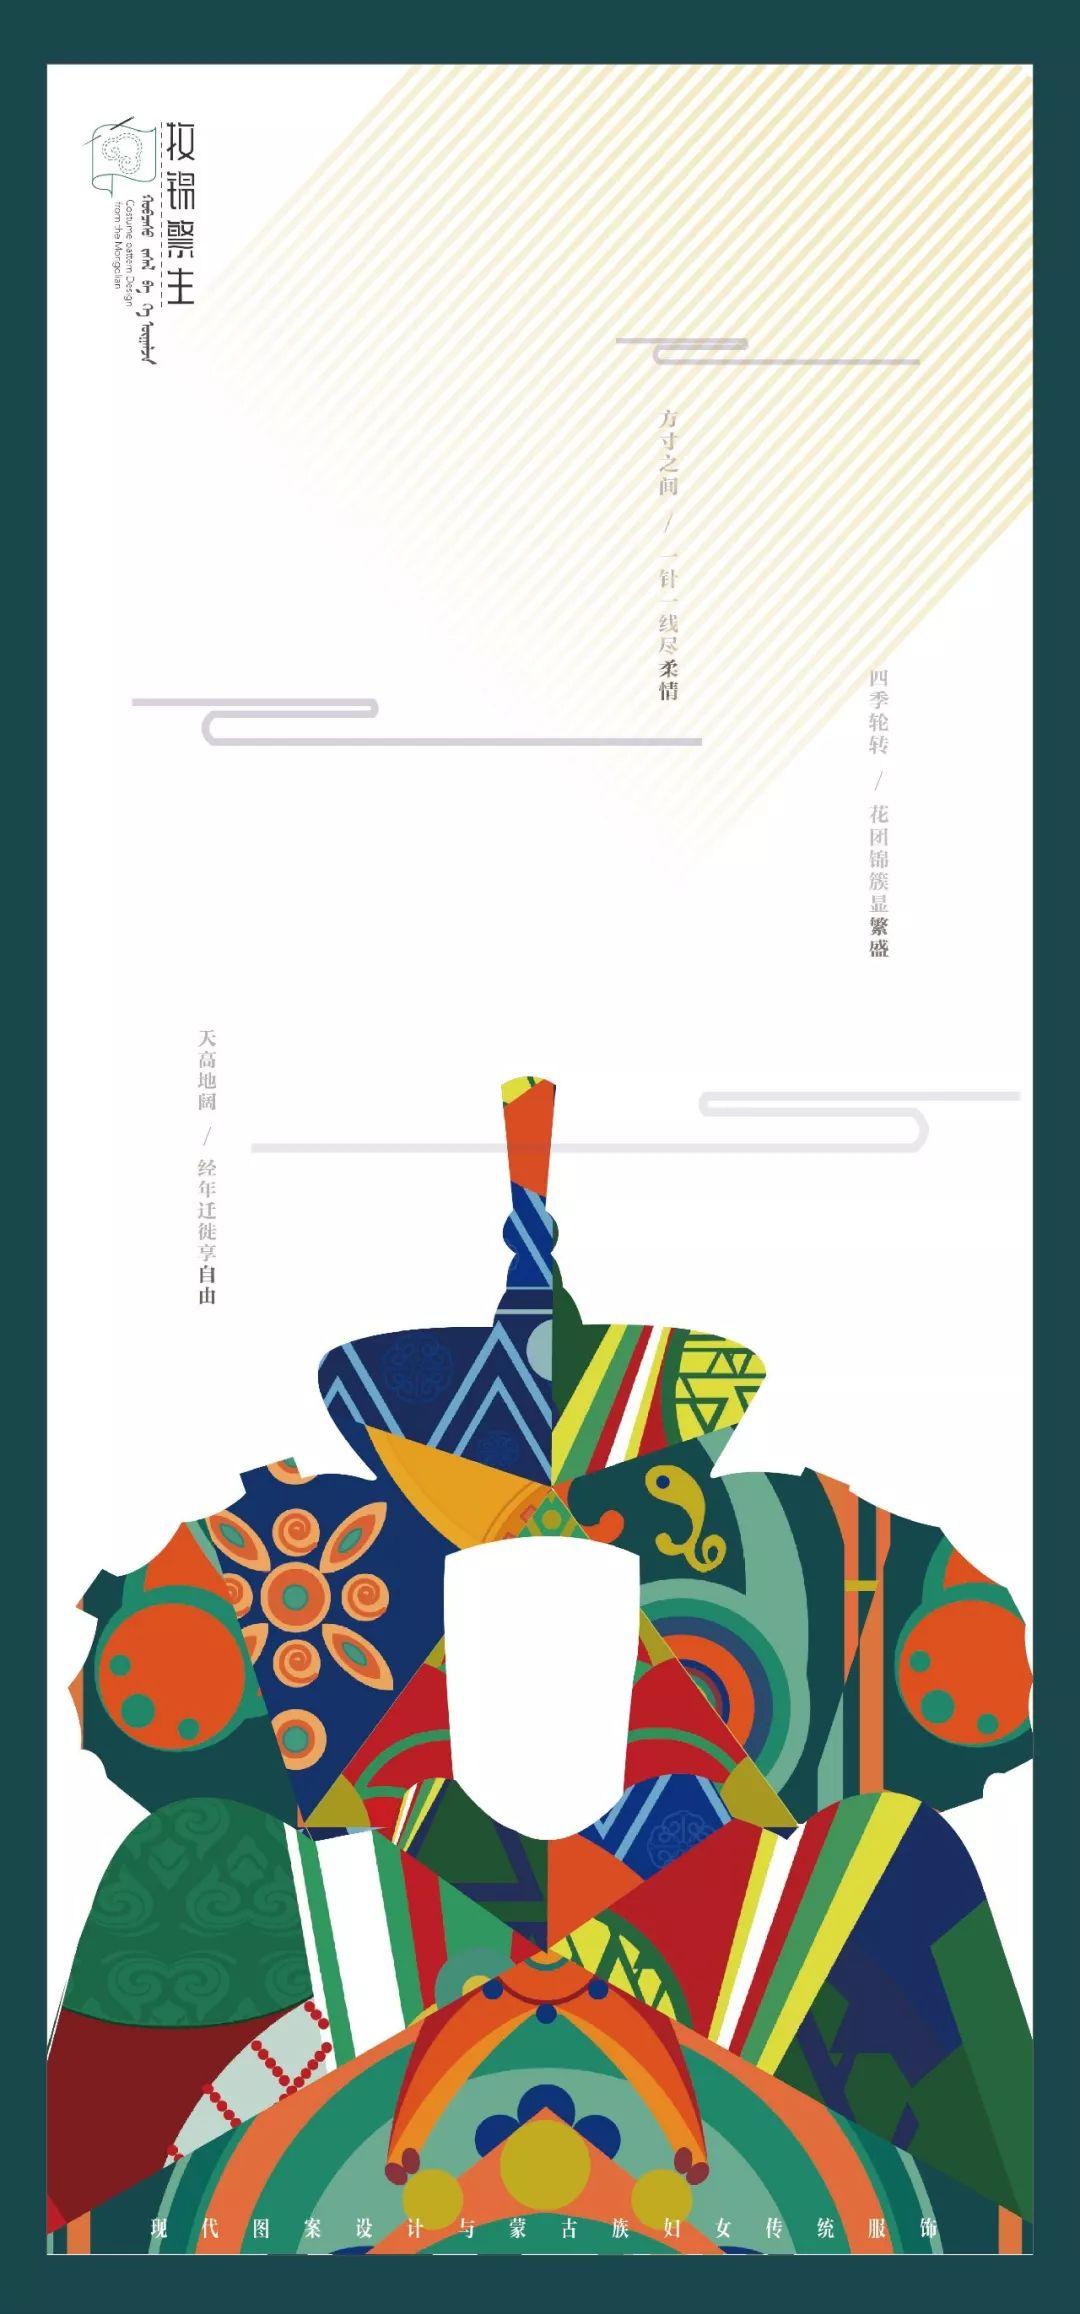 [原创设计] 牧锦繁生: 现代图案设计与蒙古族妇女传统服饰 | 海报篇 第10张